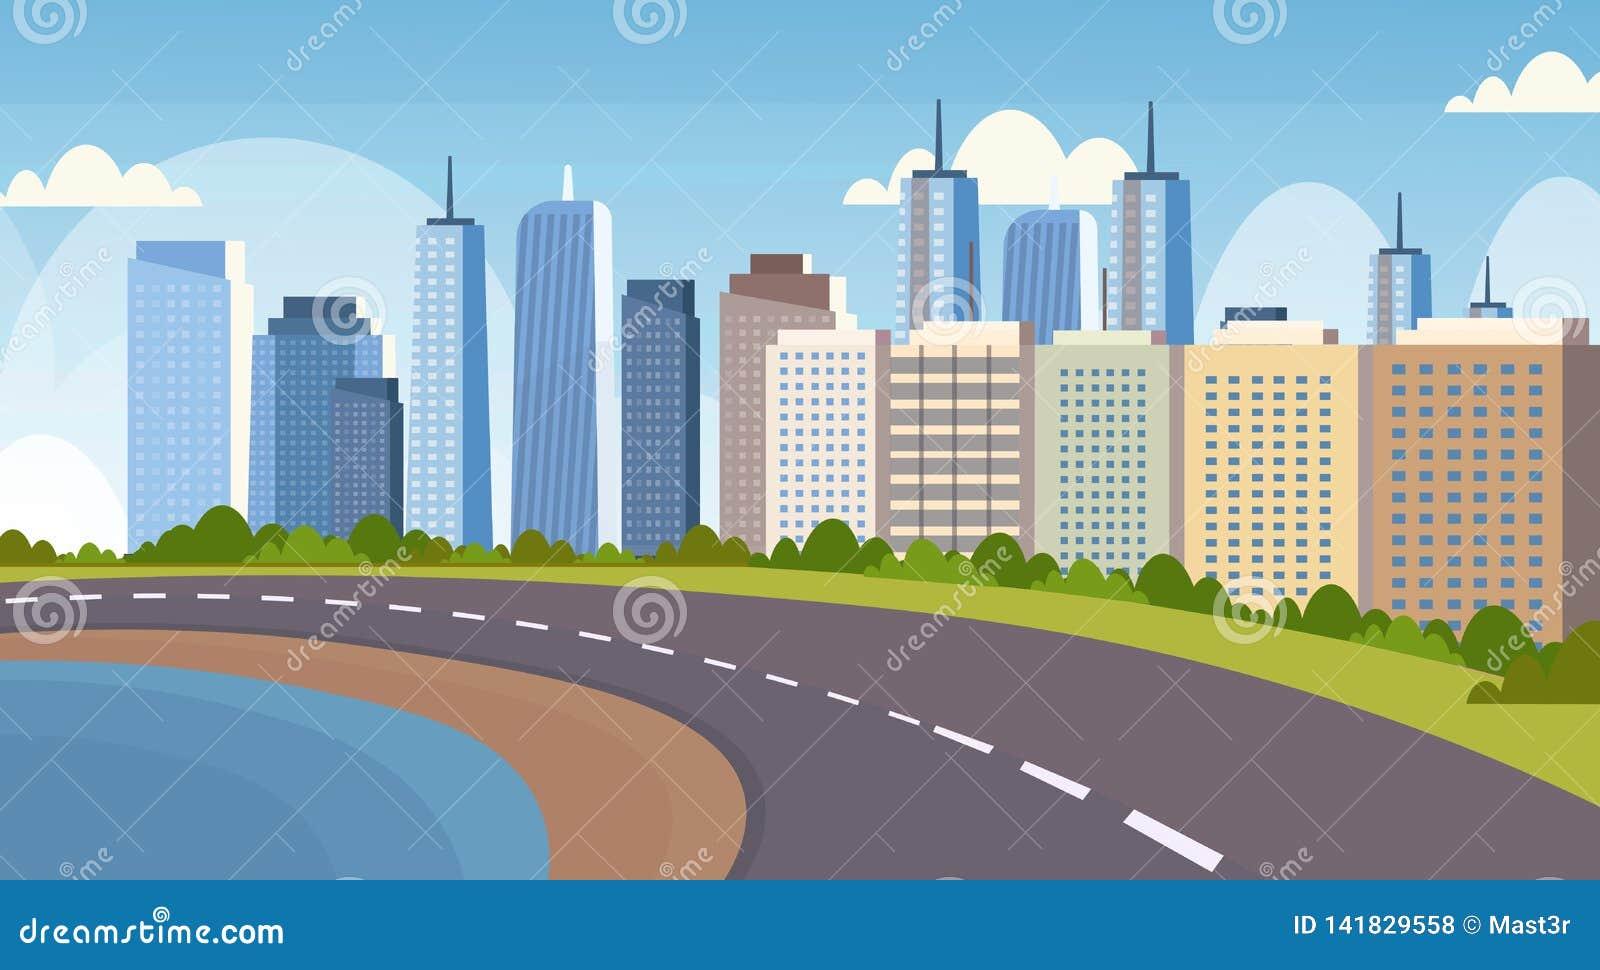 沥青在河和美好的城市全景高摩天大楼都市风景背景地平线舱内甲板之间的高速公路路